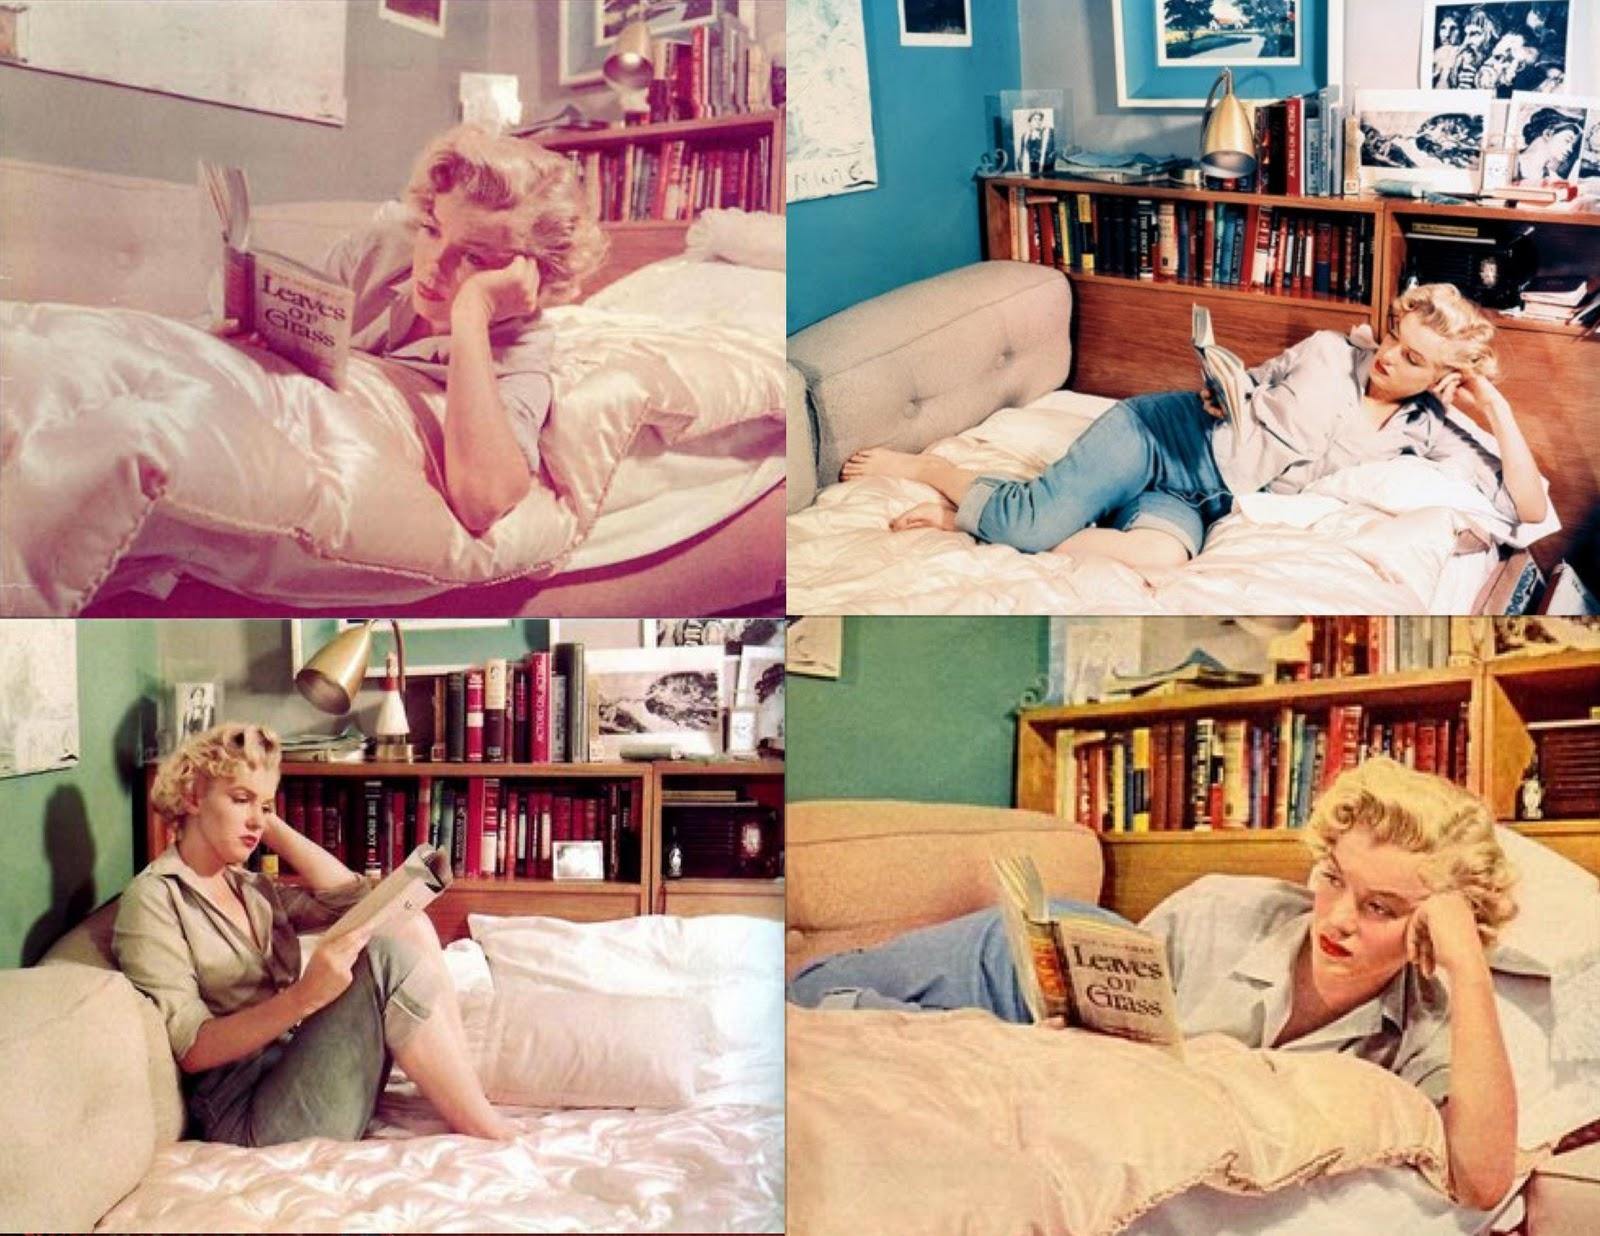 http://4.bp.blogspot.com/-iCDpJXygq3U/T45MM4BcOQI/AAAAAAAACYc/CJxgiNgOQ9w/s1600/Marilyn+reading+Leaves+of+Grass.jpg